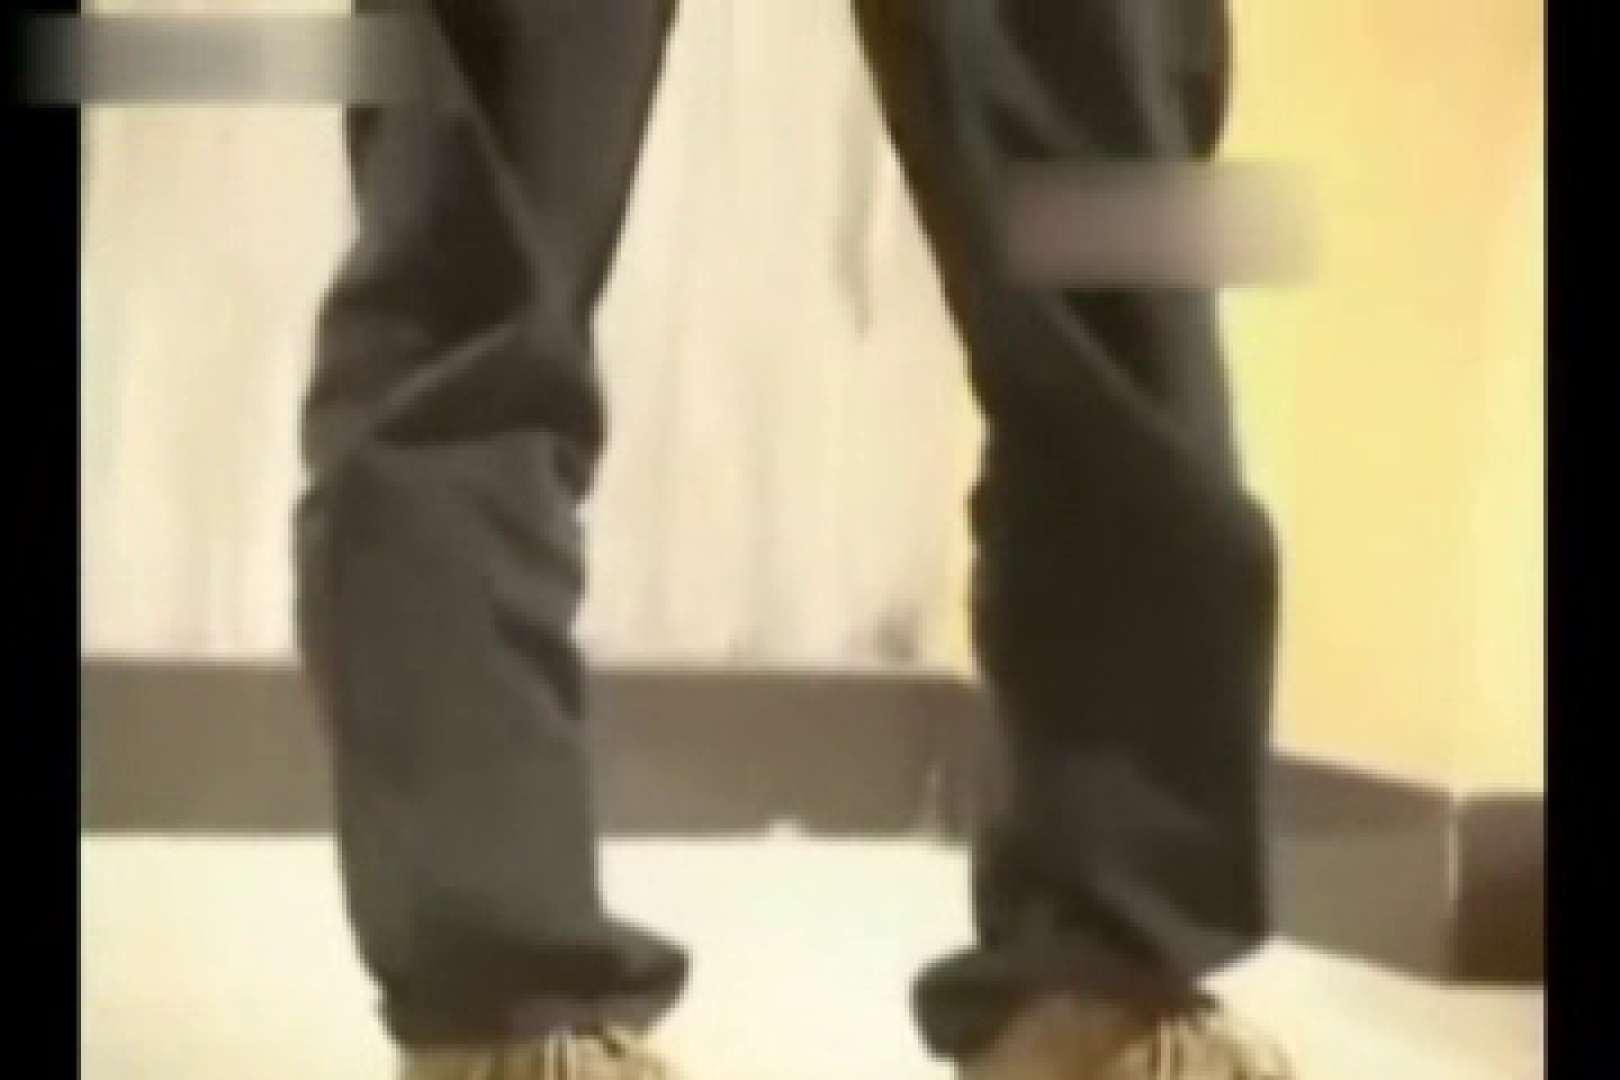 中出有名ゲイ雑誌★魅力●生★付録DVD収録スーパーモデルヌードvol11 ヌード   イメージ(裸) ゲイ丸見え画像 14連発 11